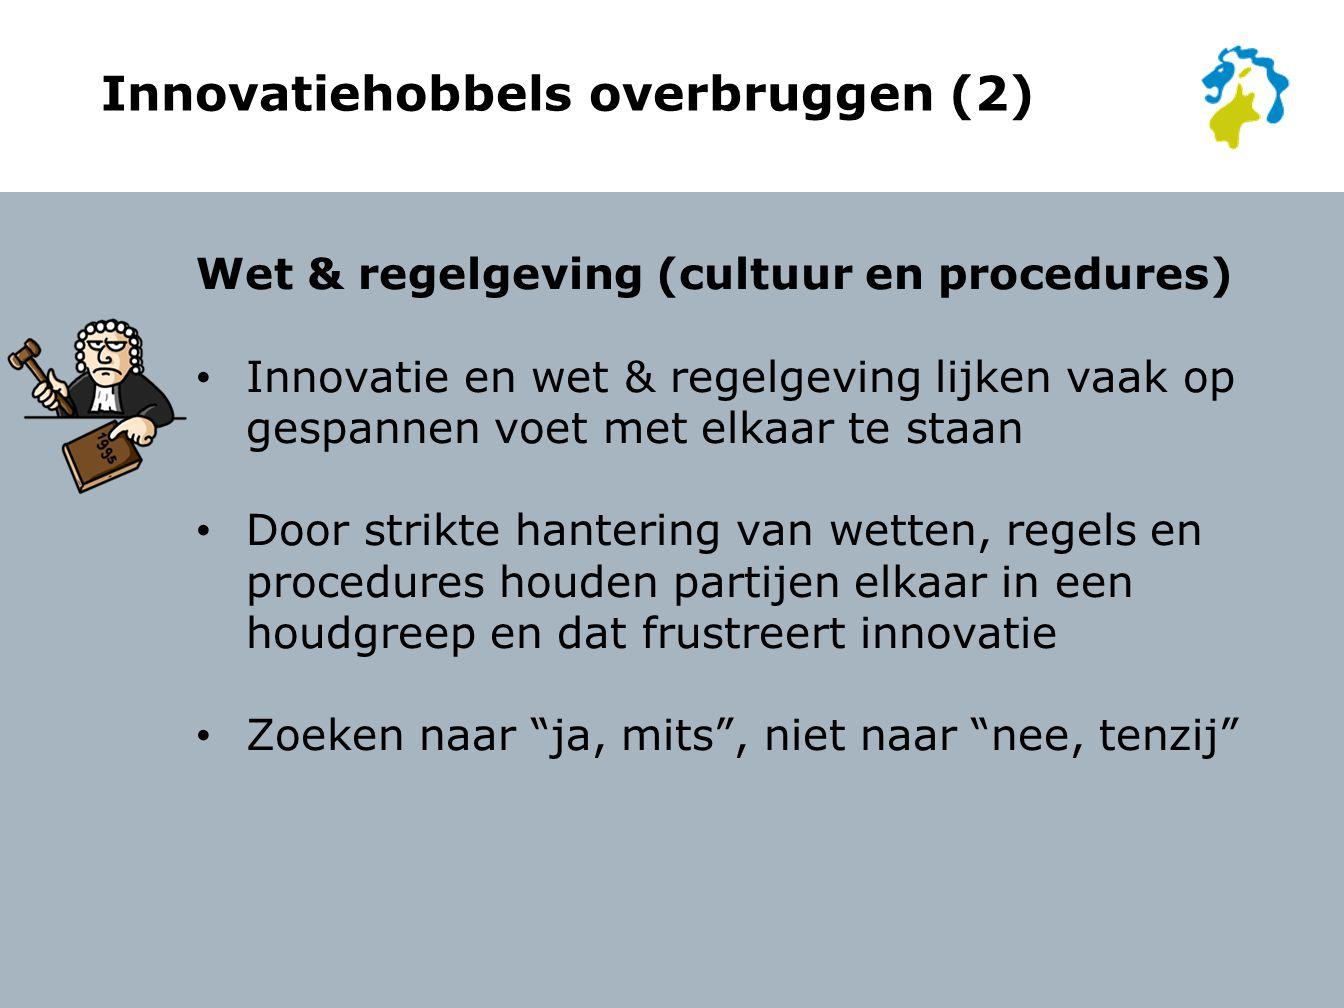 Innovatiehobbels overbruggen (2) Wet & regelgeving (cultuur en procedures) Innovatie en wet & regelgeving lijken vaak op gespannen voet met elkaar te staan Door strikte hantering van wetten, regels en procedures houden partijen elkaar in een houdgreep en dat frustreert innovatie Zoeken naar ja, mits , niet naar nee, tenzij